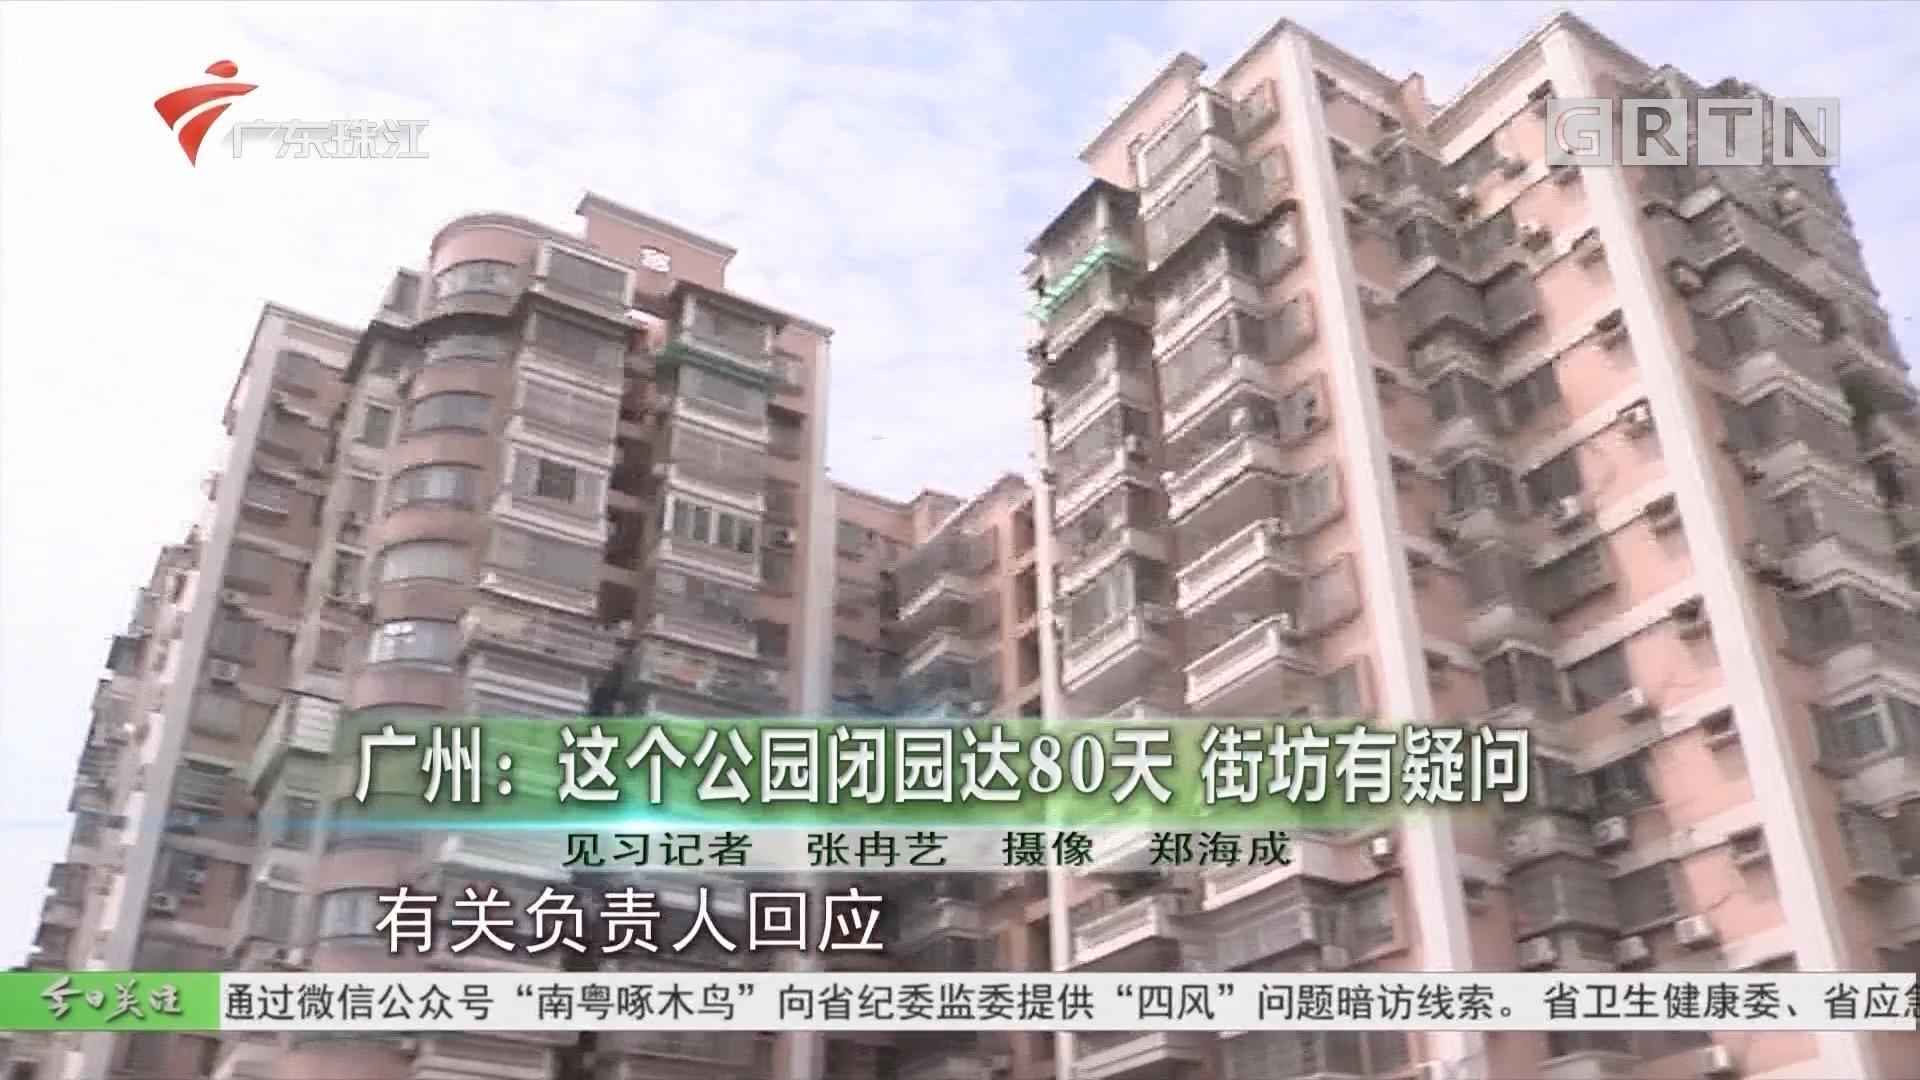 广州:这个公园闭园达80天 街坊有疑问